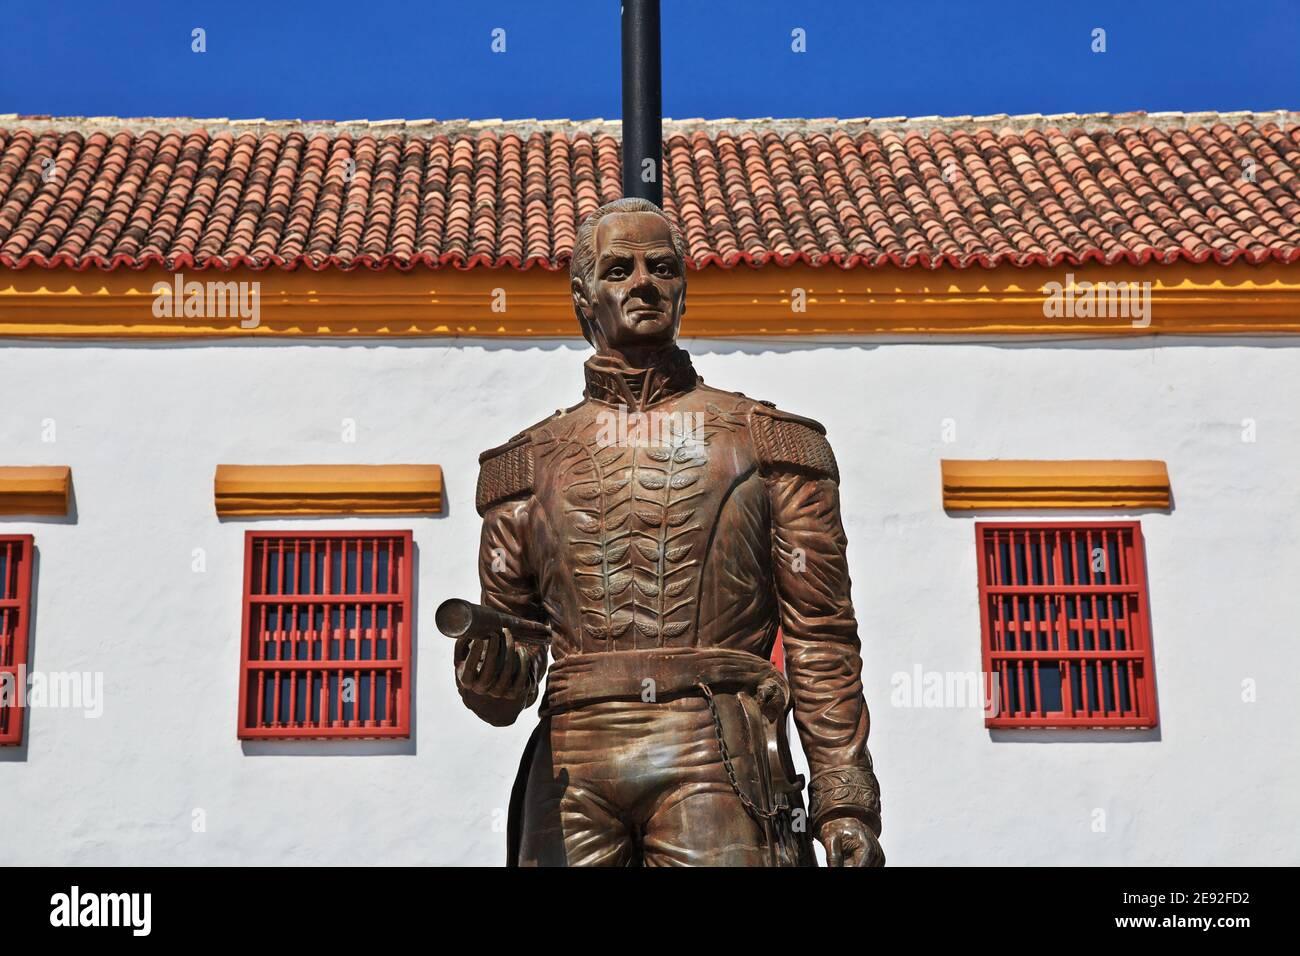 El monumento en Cartagena, Colombia Foto de stock